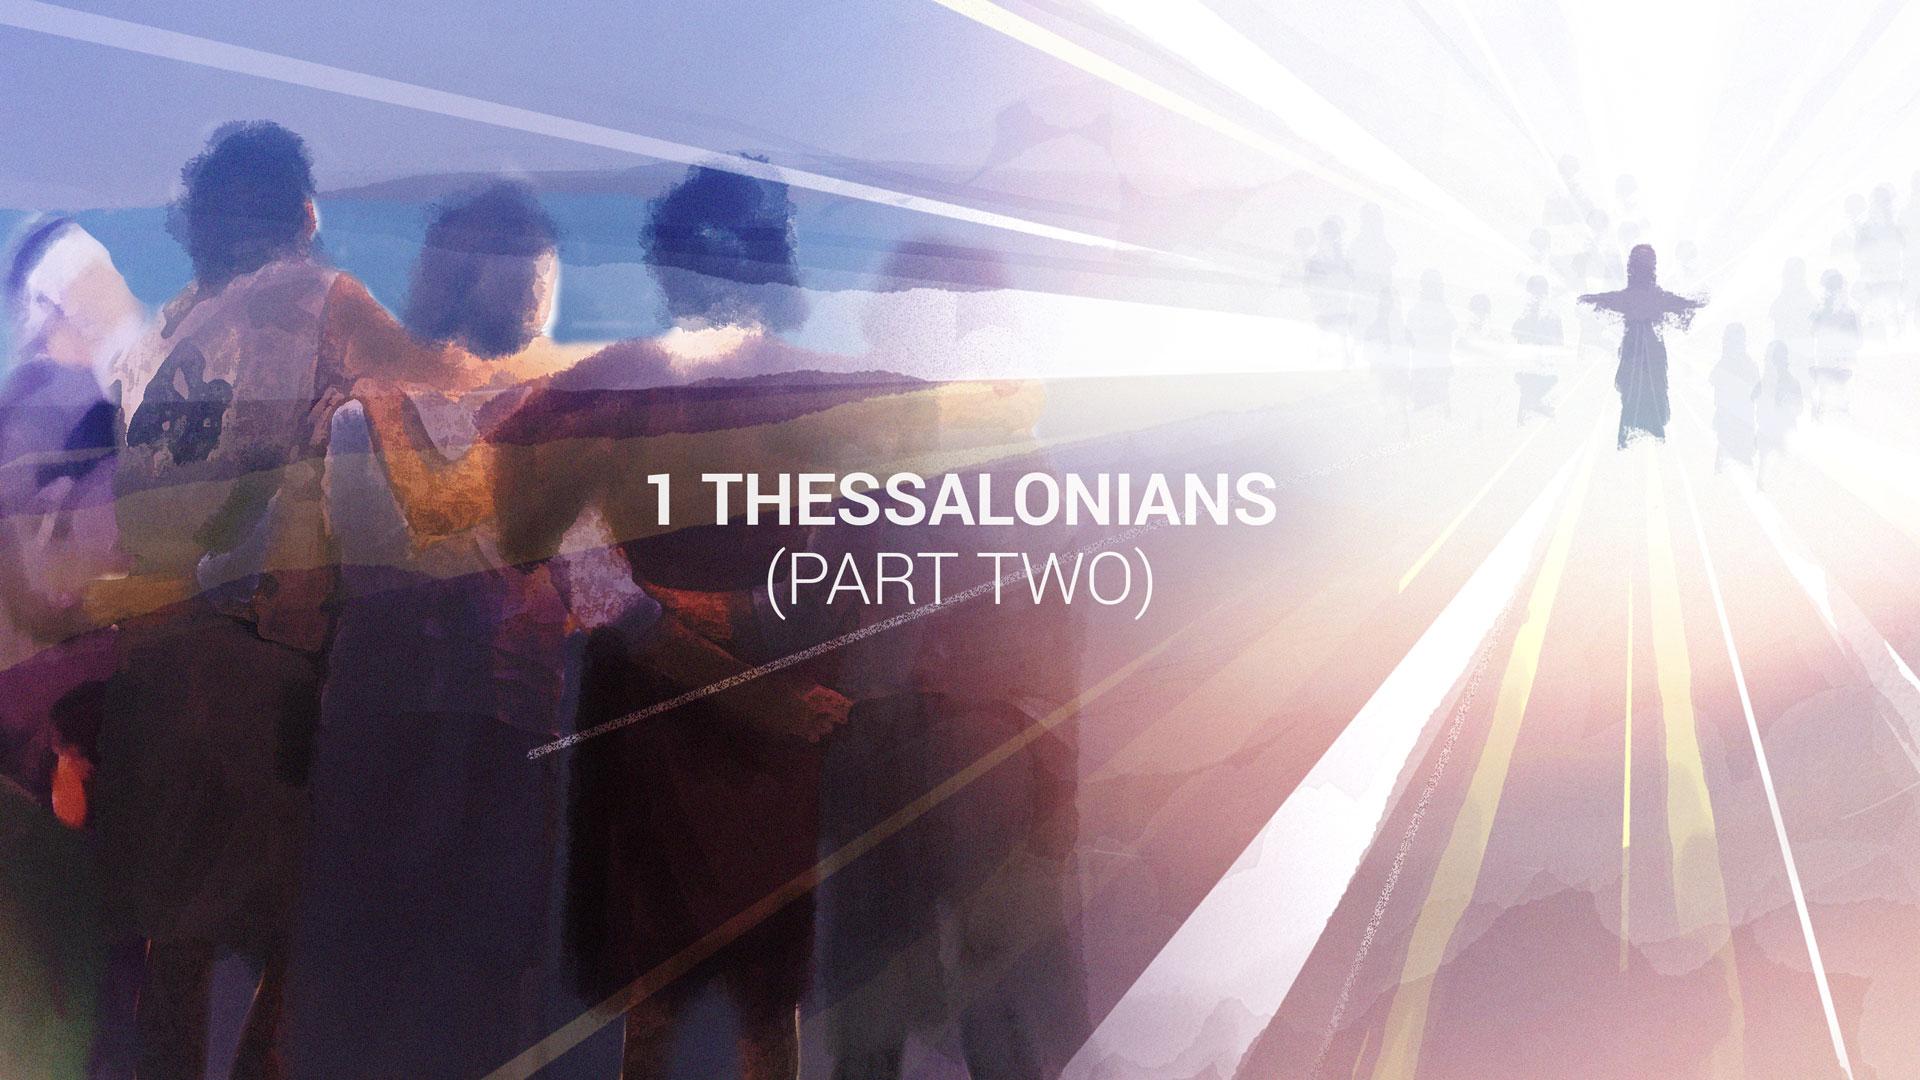 1thessalonians_part2_1_main.jpg